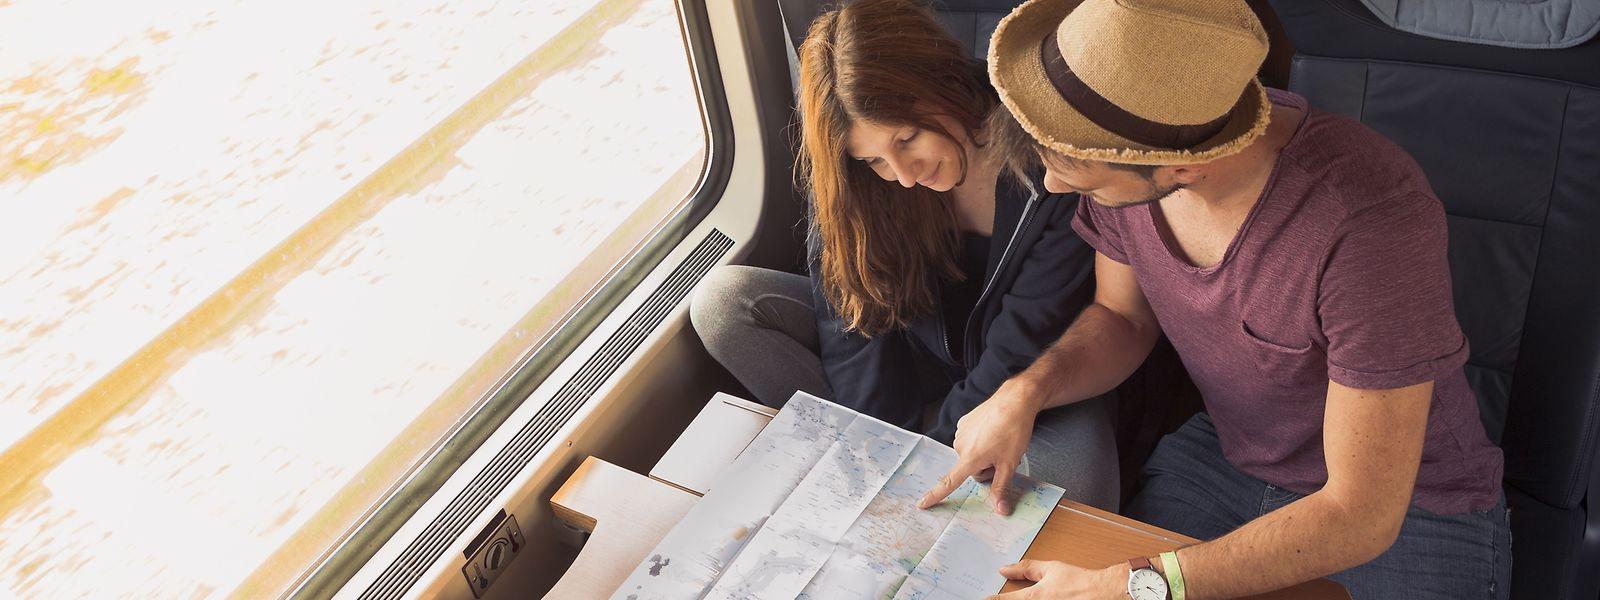 Der Interrail Global Pass ist ab 208 Euro erhältlich. Die DiscoverEU-Tickets sind dagegen nicht nur kostenlos, sondern auch bis zu 30 Tage gültig.